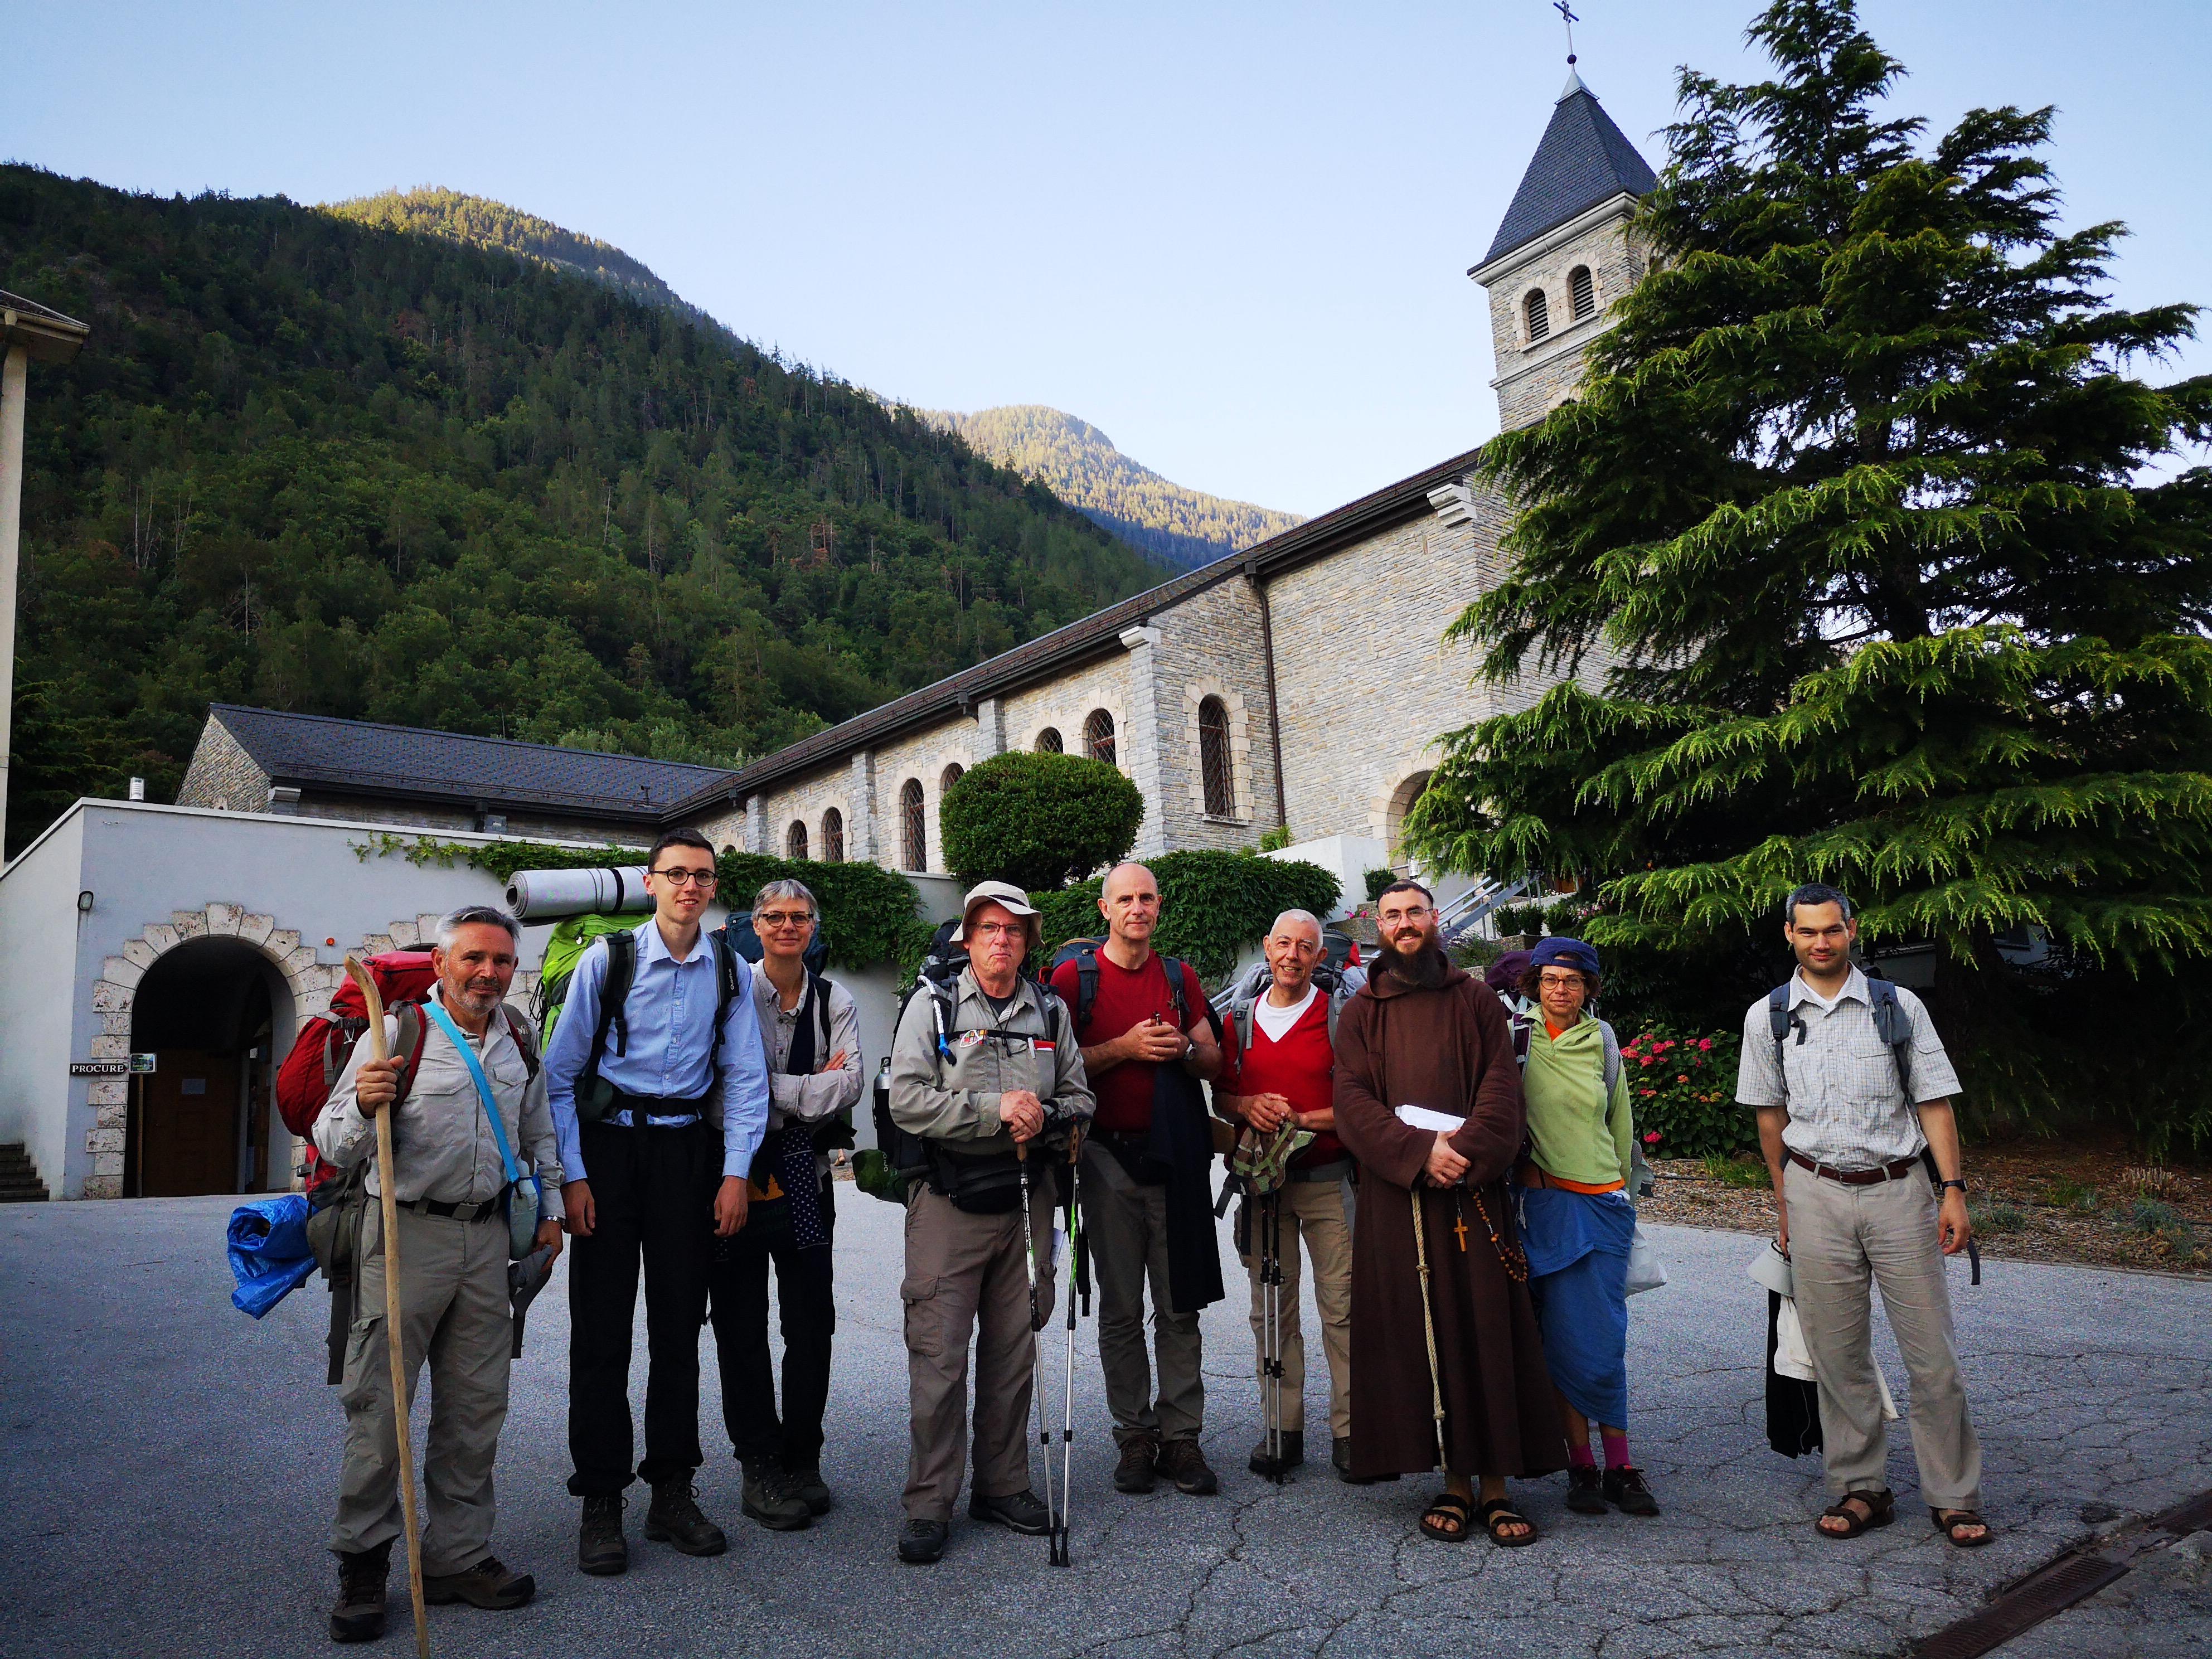 Reportage du pèlerinage Ecône-Assise (1/2)